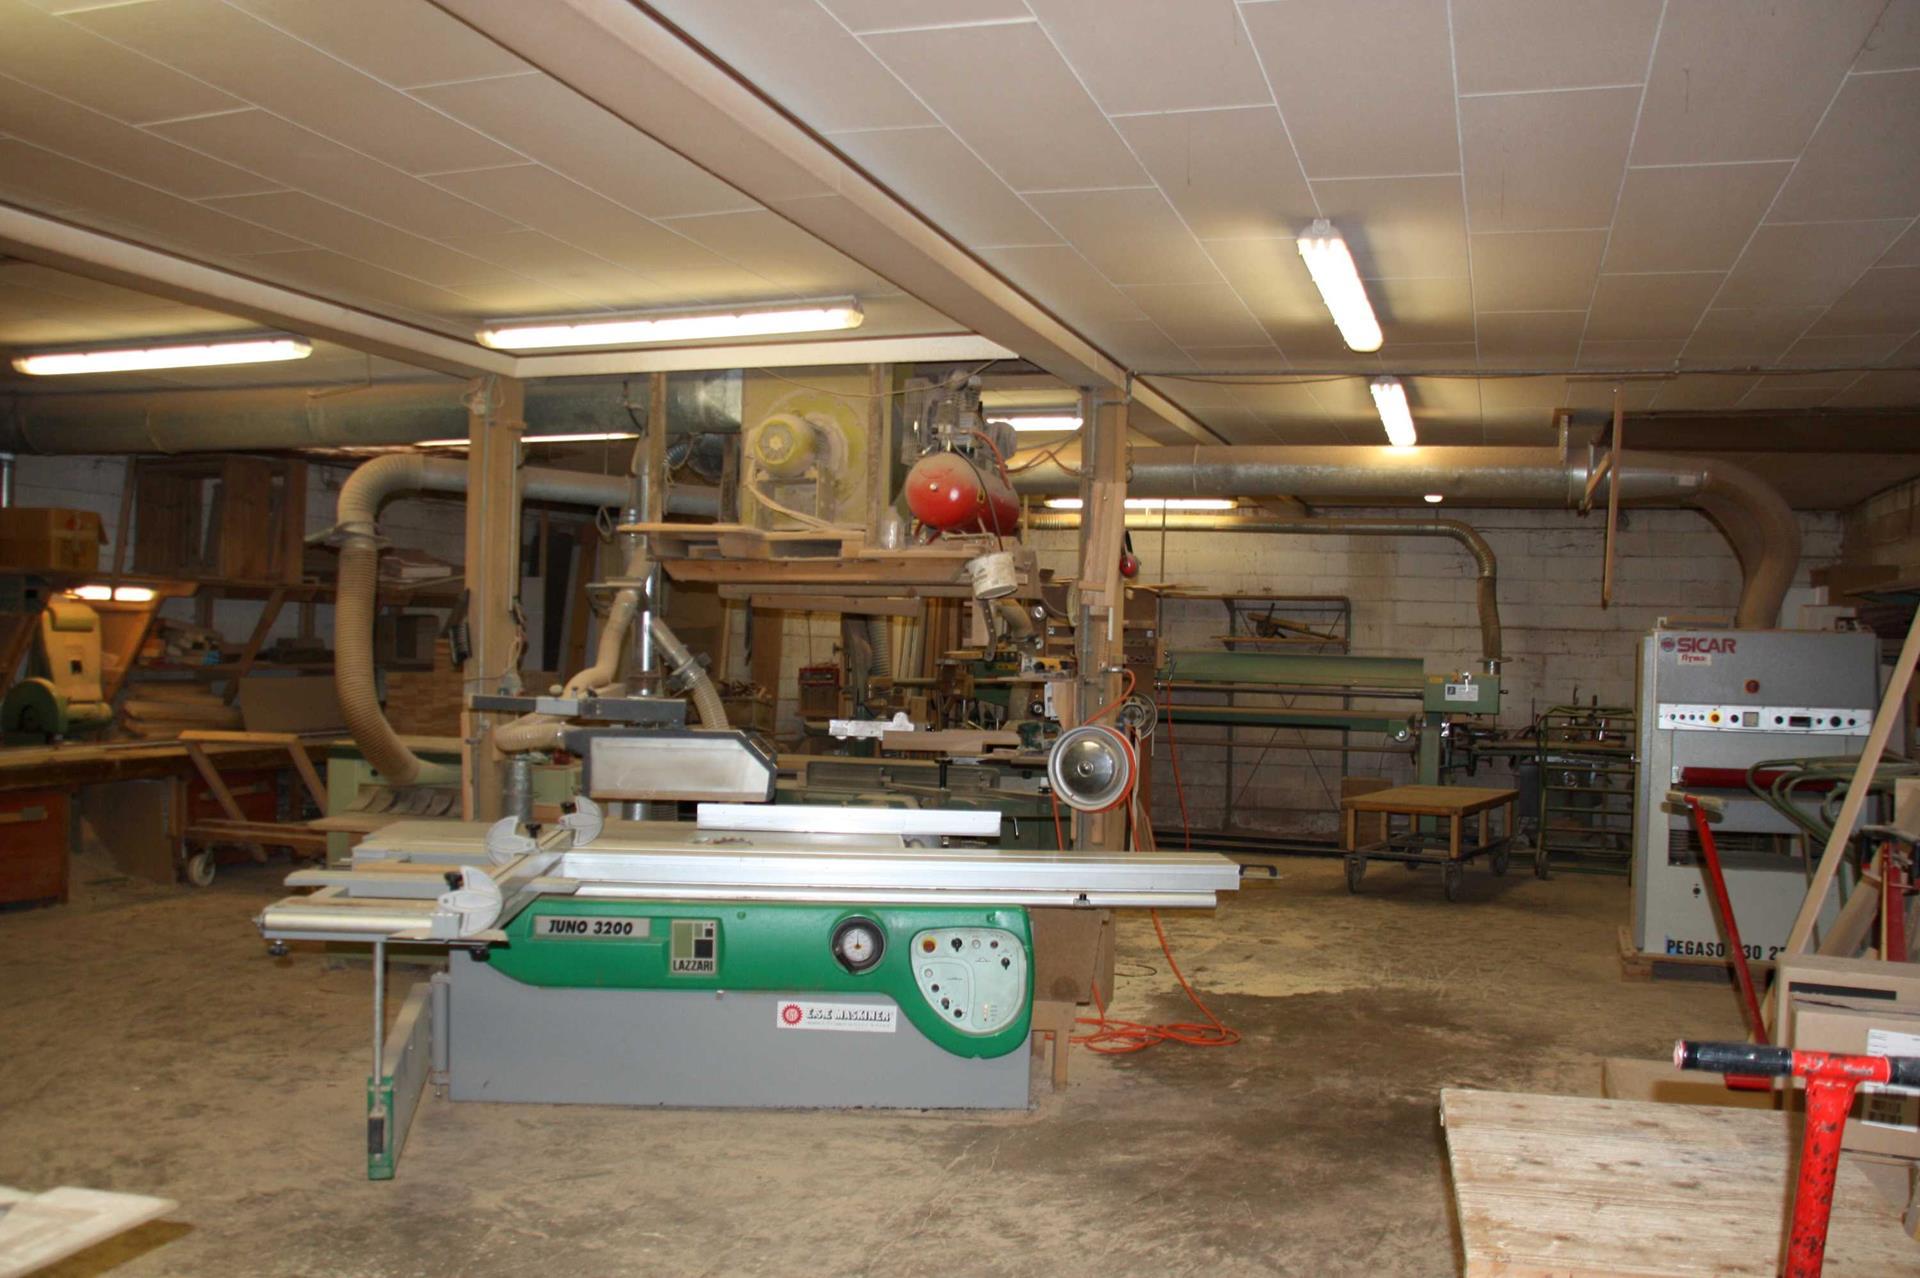 Bolig/erhverv på Borgergade i Glejbjerg - Værksted